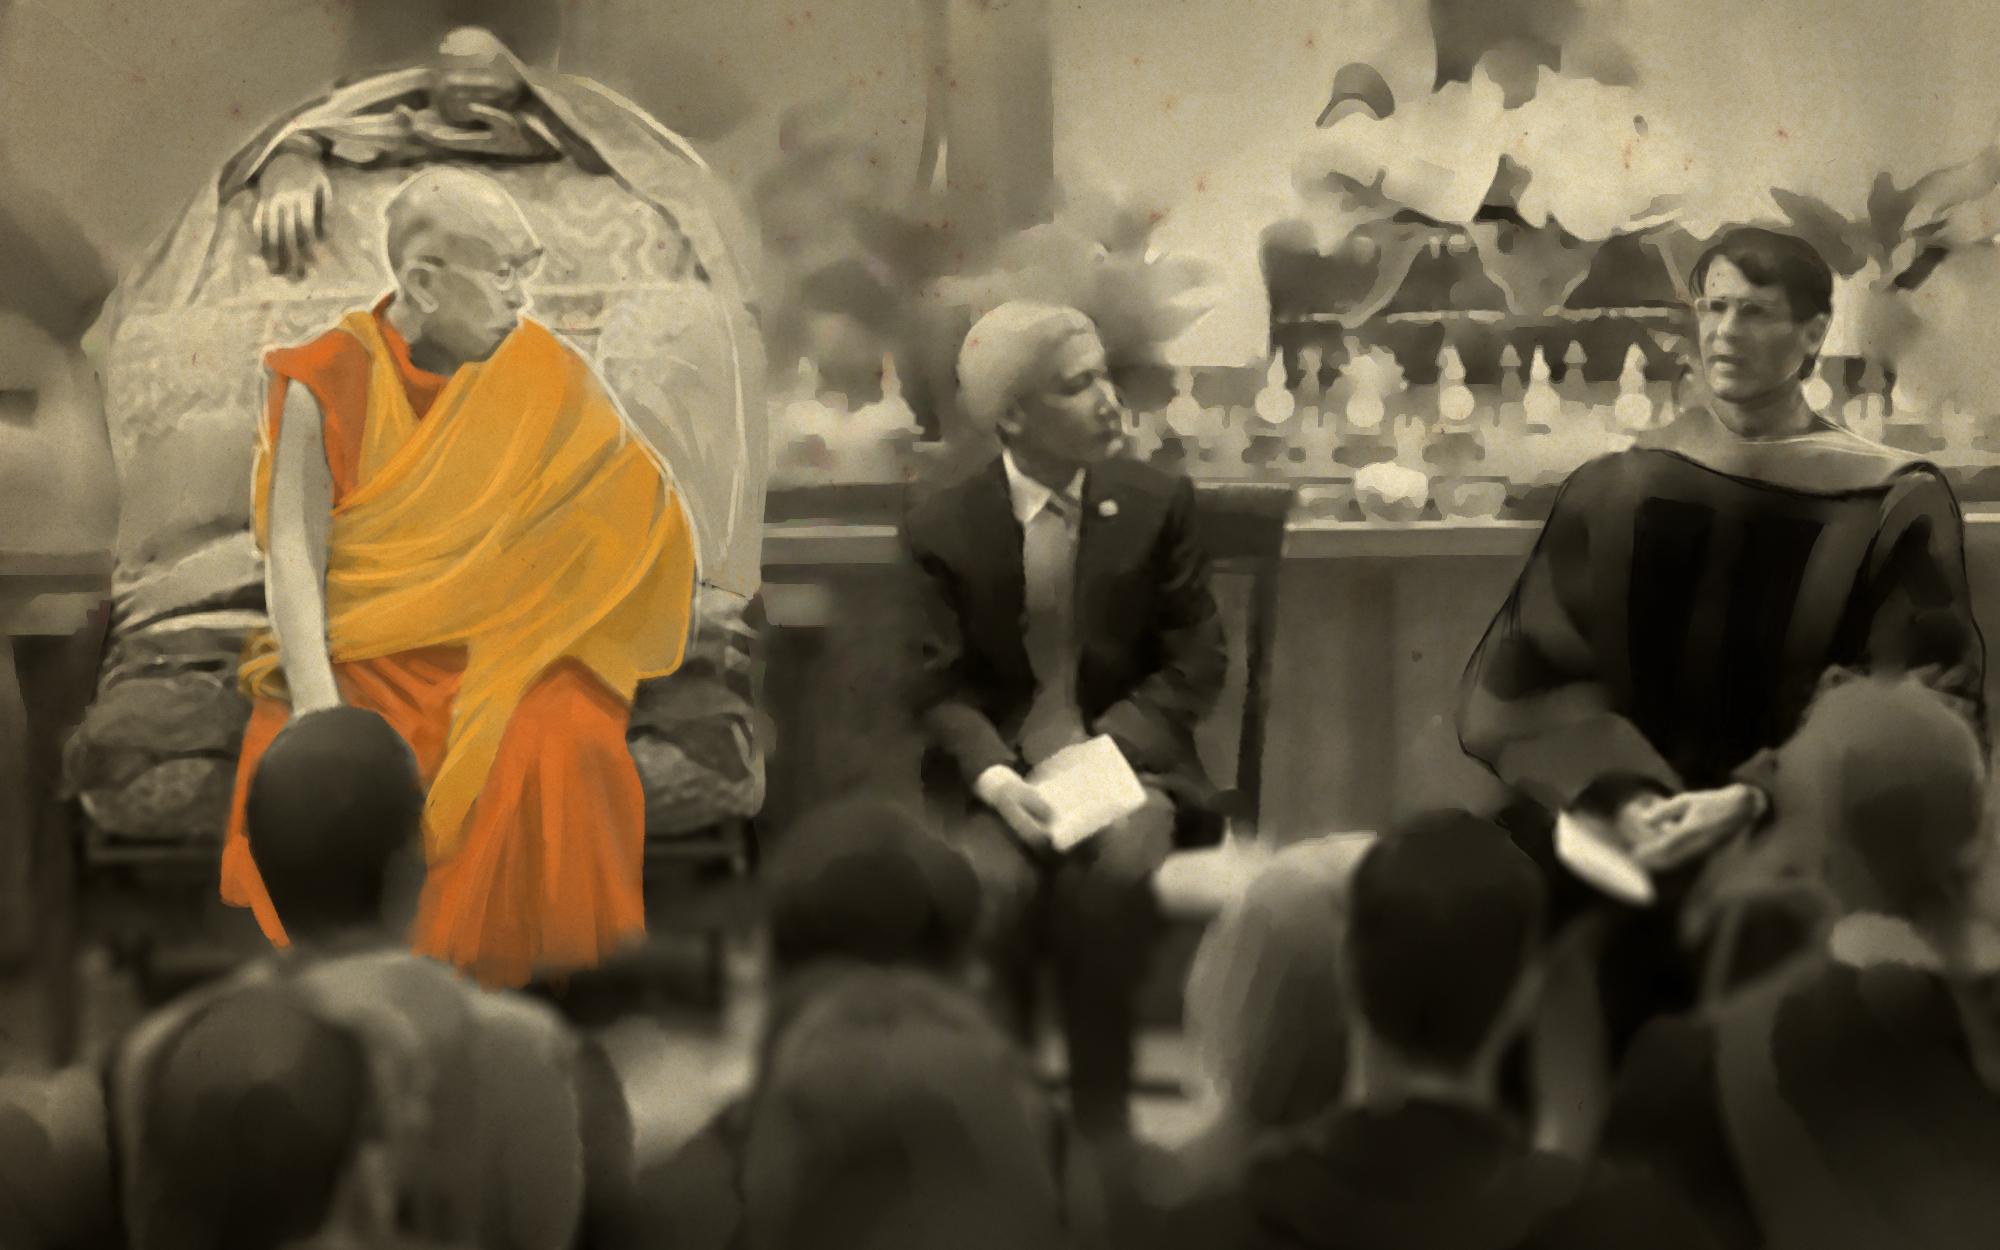 Александер и Далай-лама приглашены произнести речь для выпускников буддистского колледжа «Майтрипа» в Портланде, Орегон.